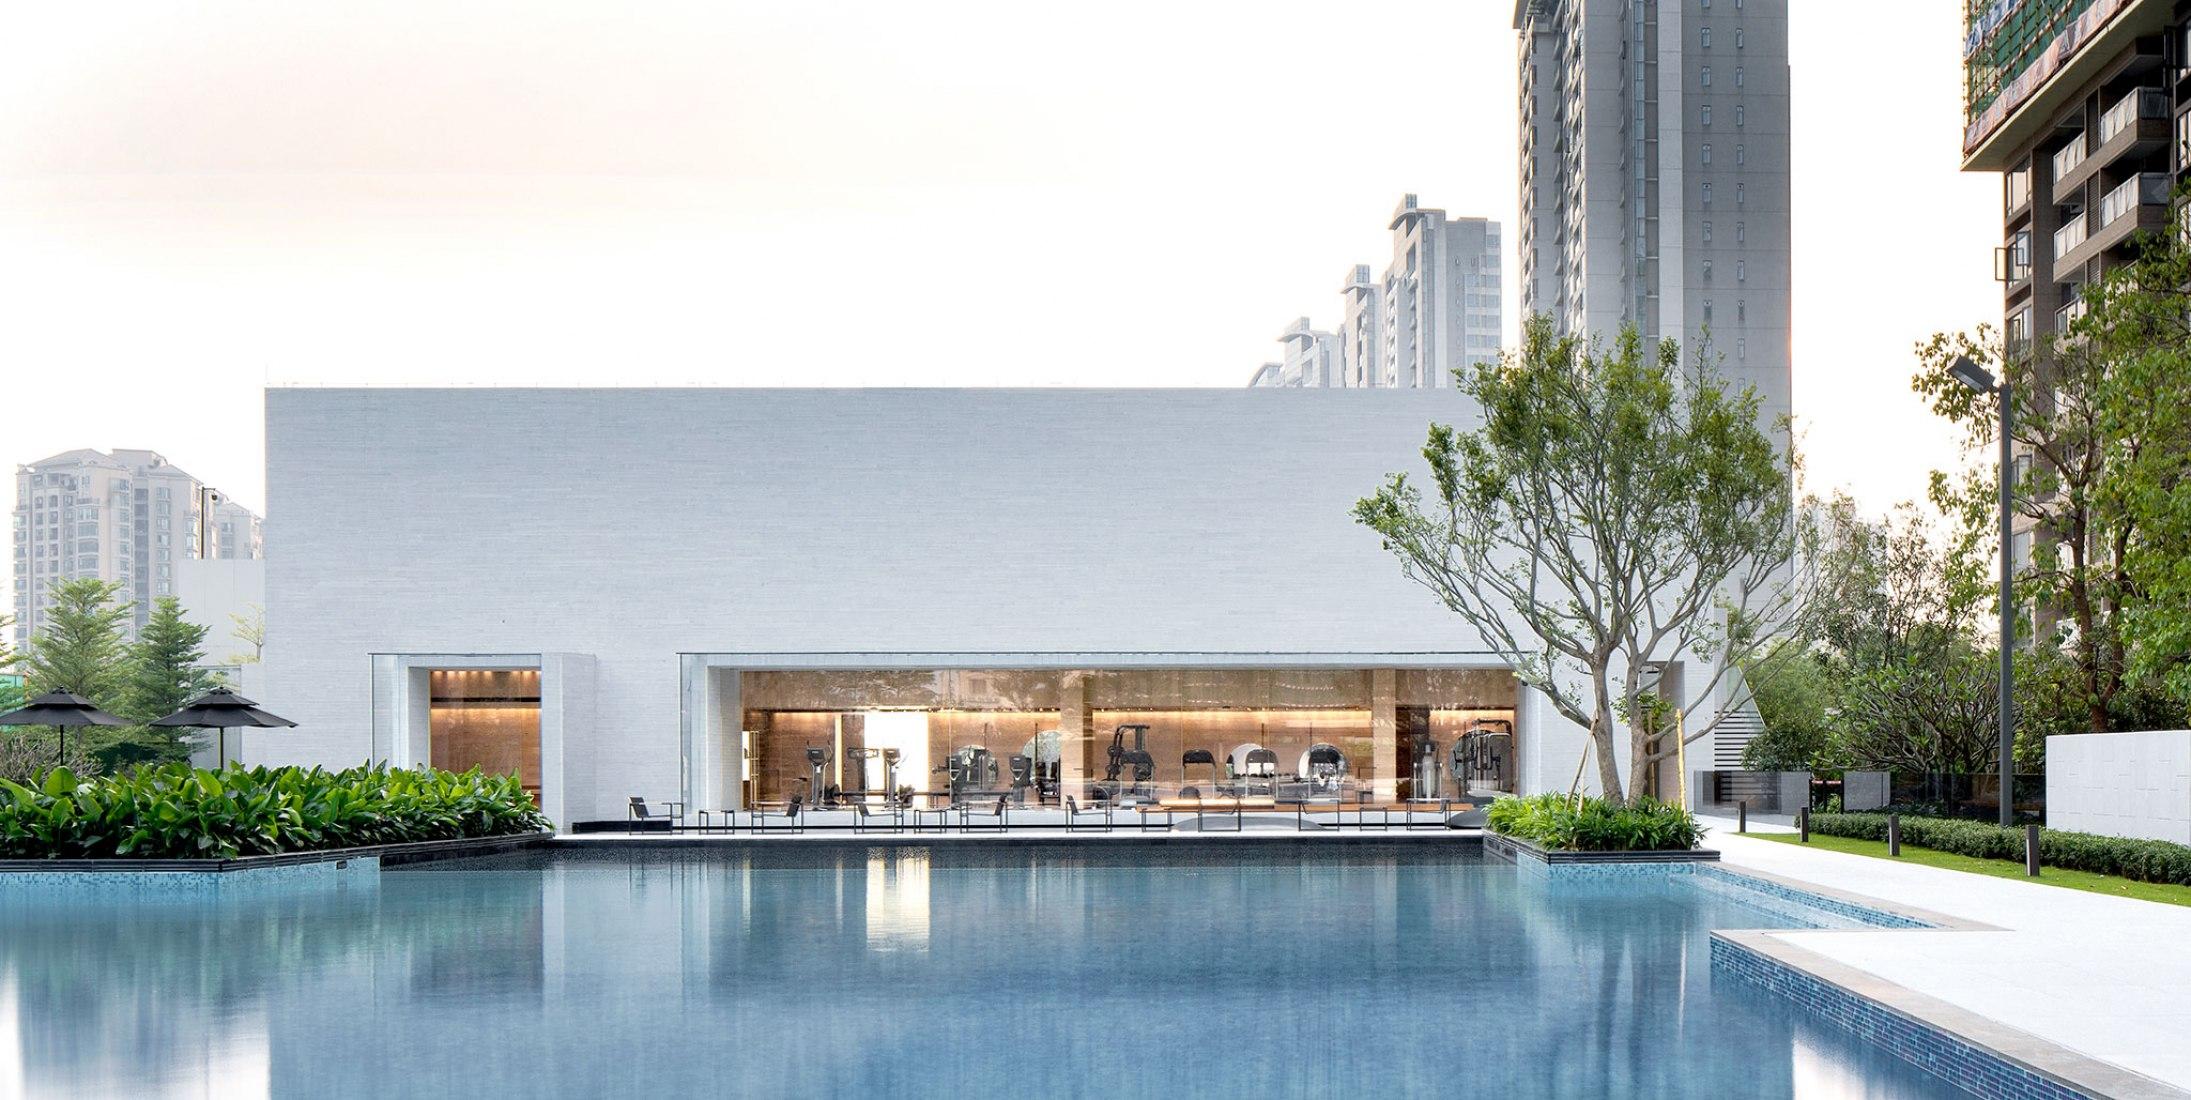 Exterior, piscina. Sky Club House por DOMANI. Fotografía © Shaon